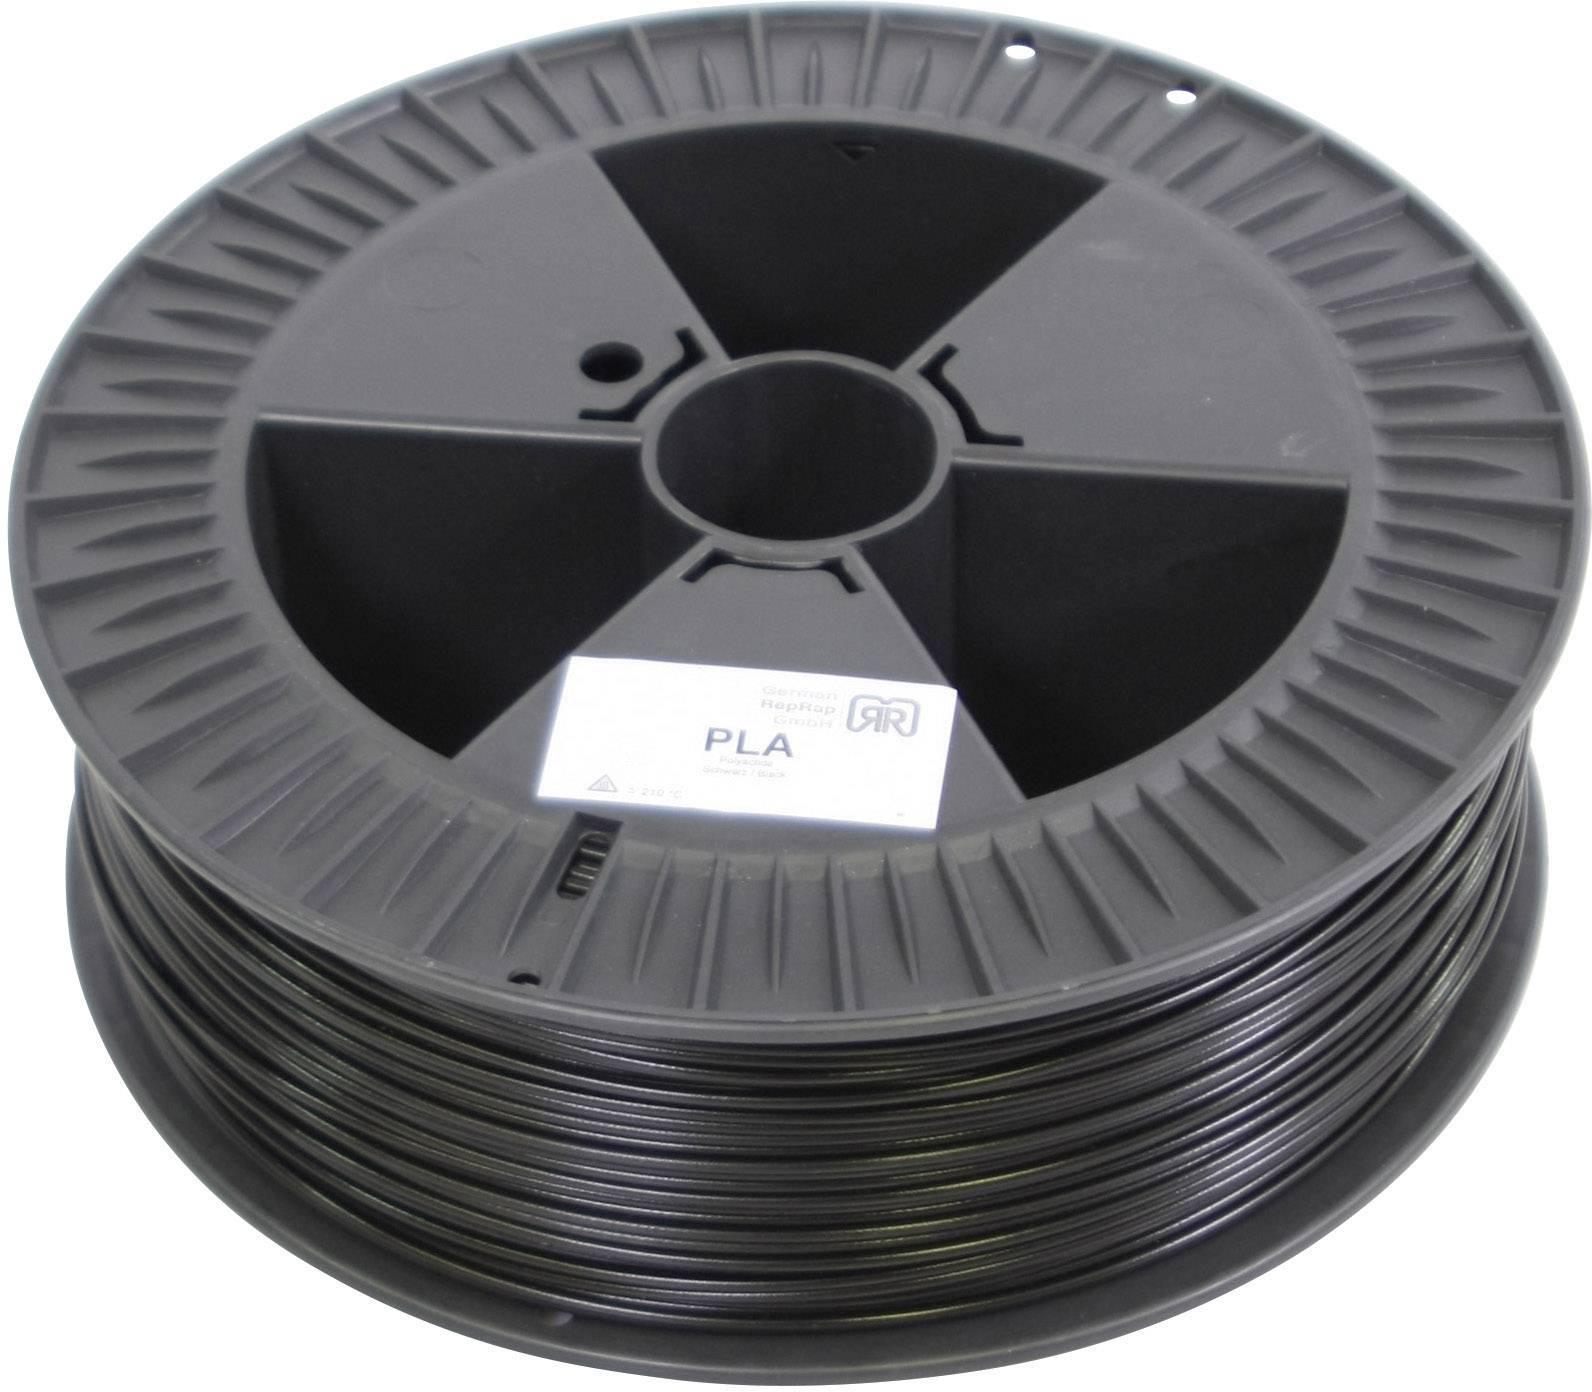 Náplň pro 3D tiskárnu, German RepRap 100191, PLA, 3 mm, 2,1 kg, černá